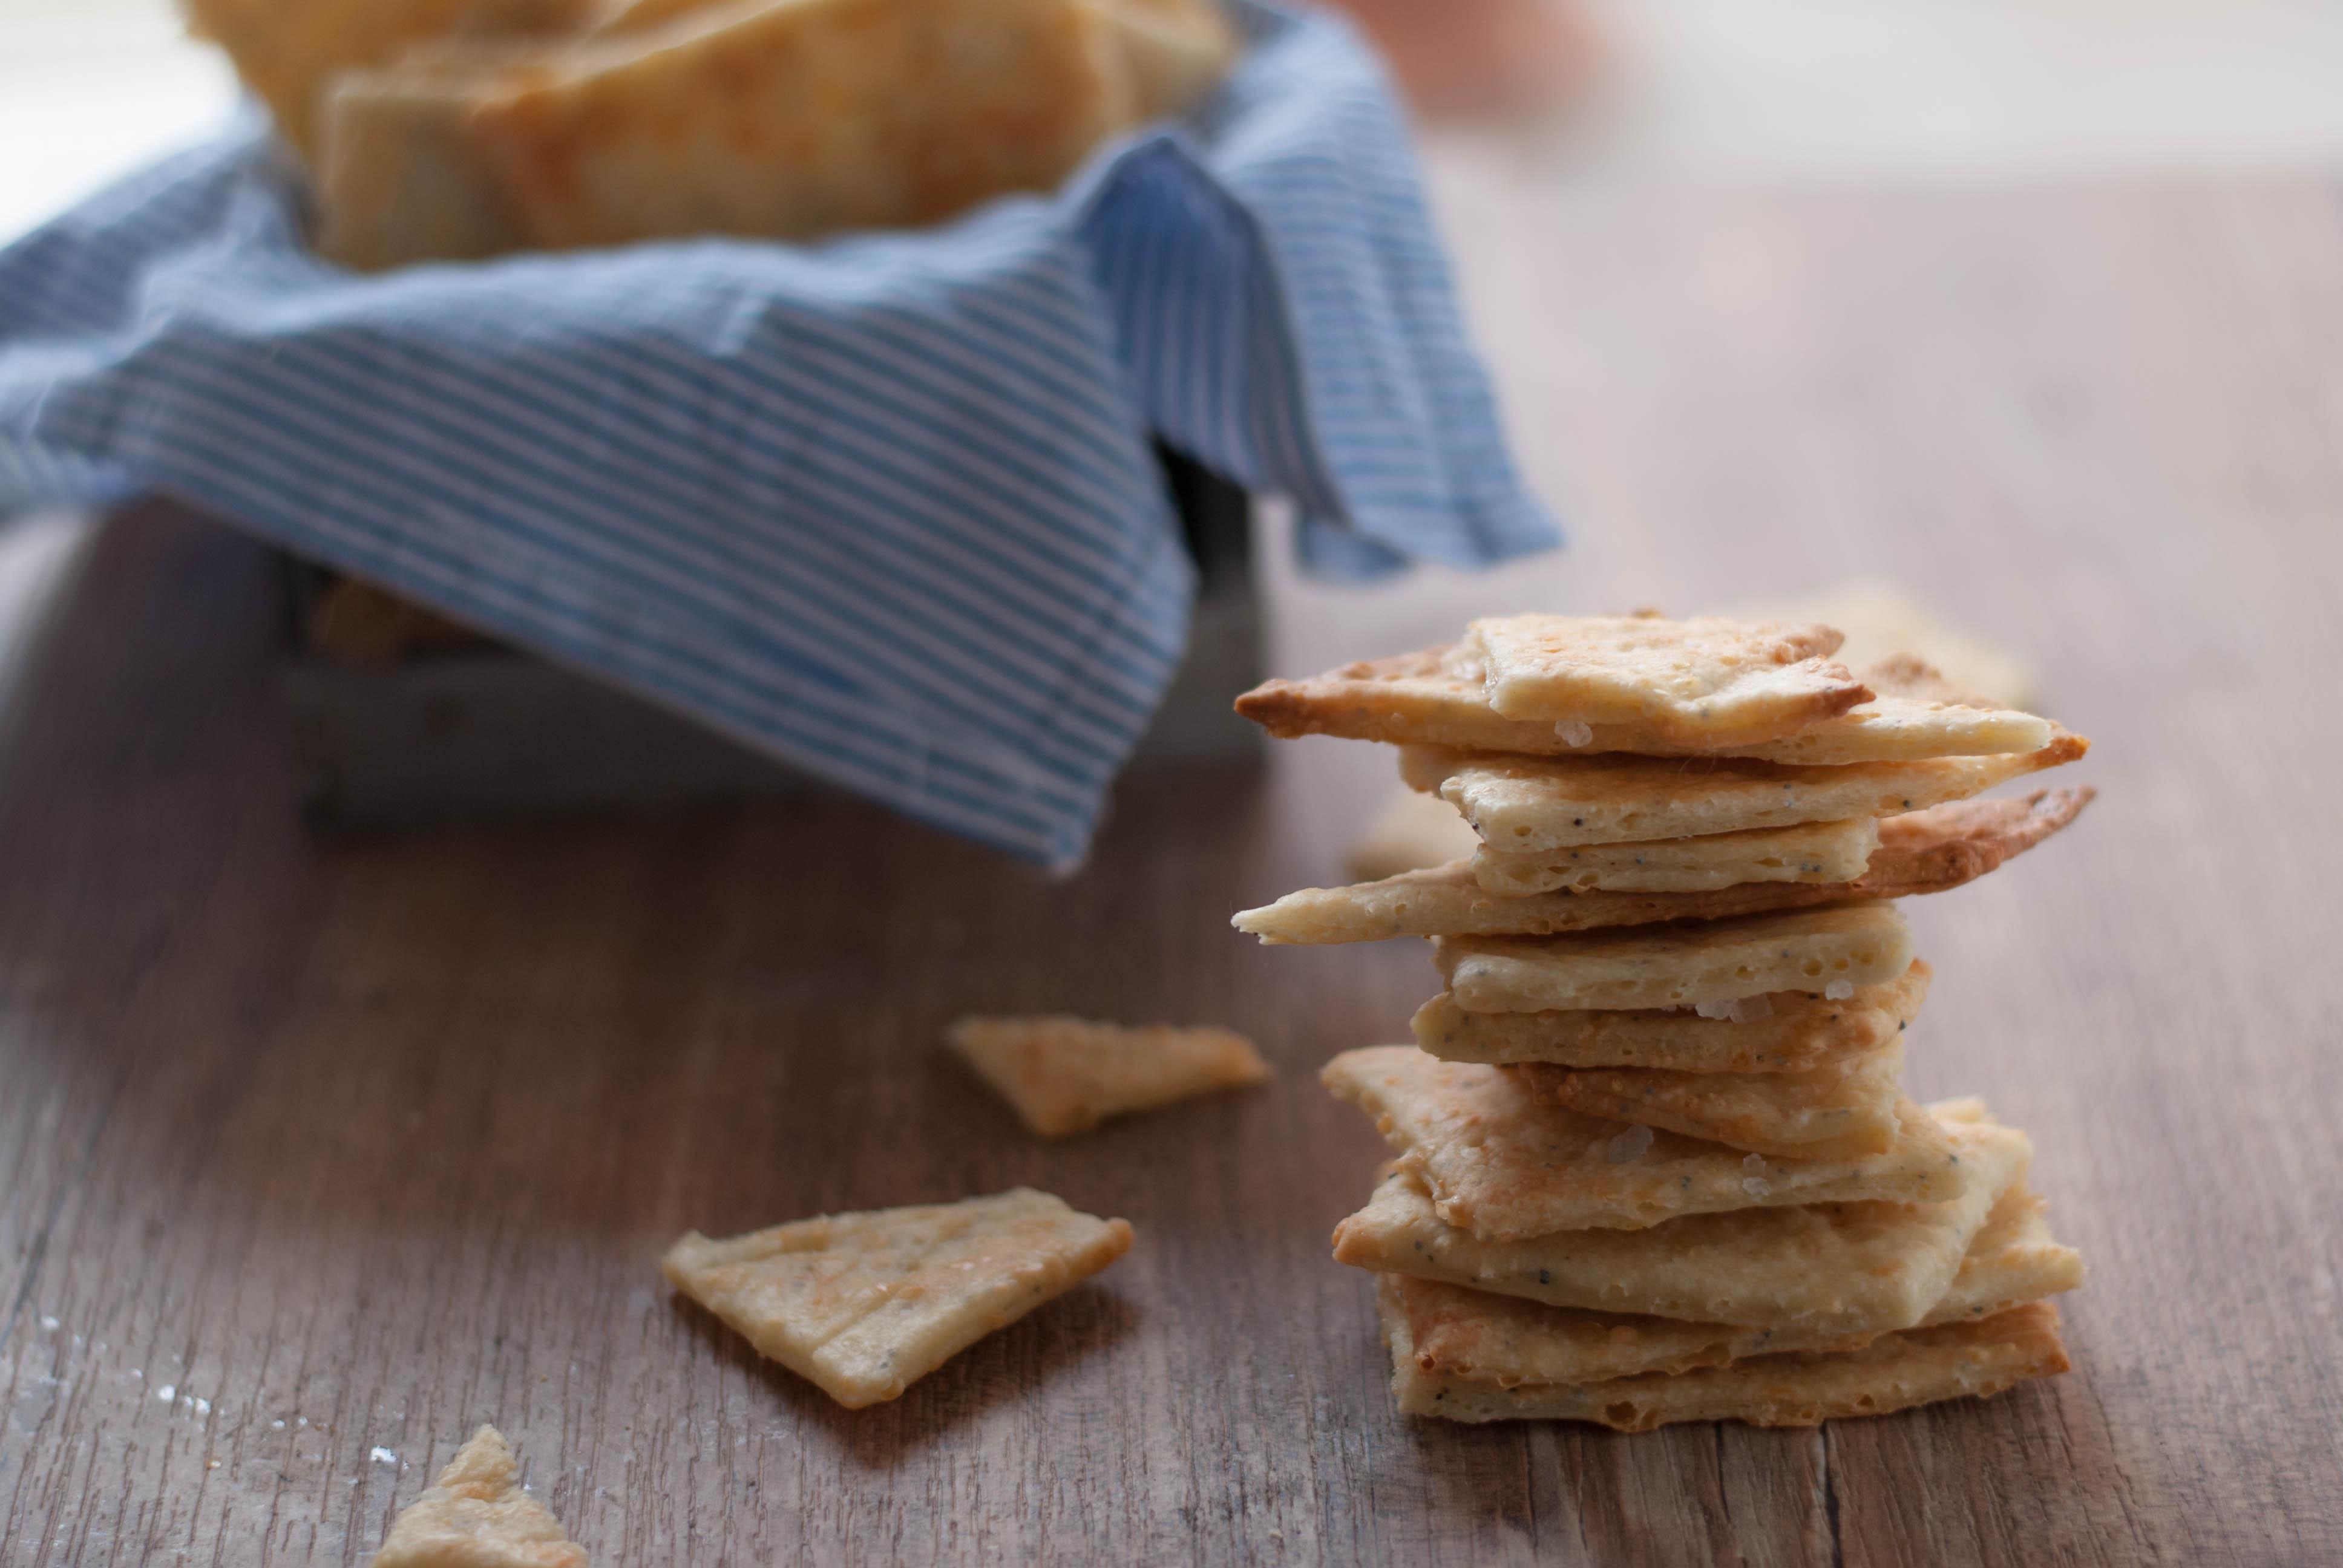 Credenza Con Frigo : Frigo vuoto e amici in arrivo ecco i cracker con pecorino toscano dop